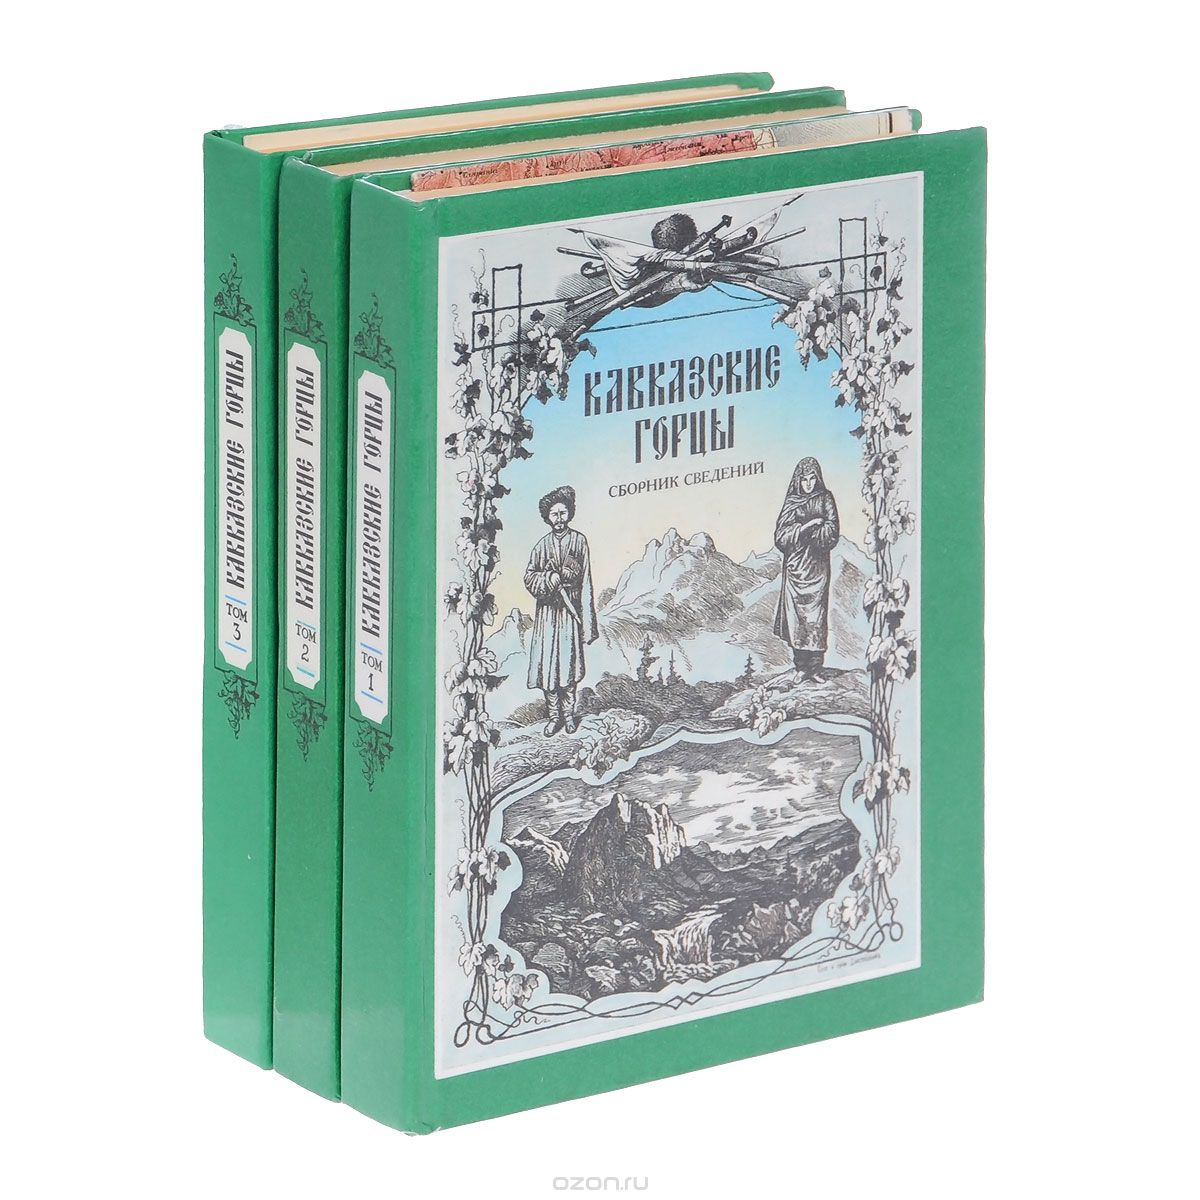 Книга кавказские горцы.сборник